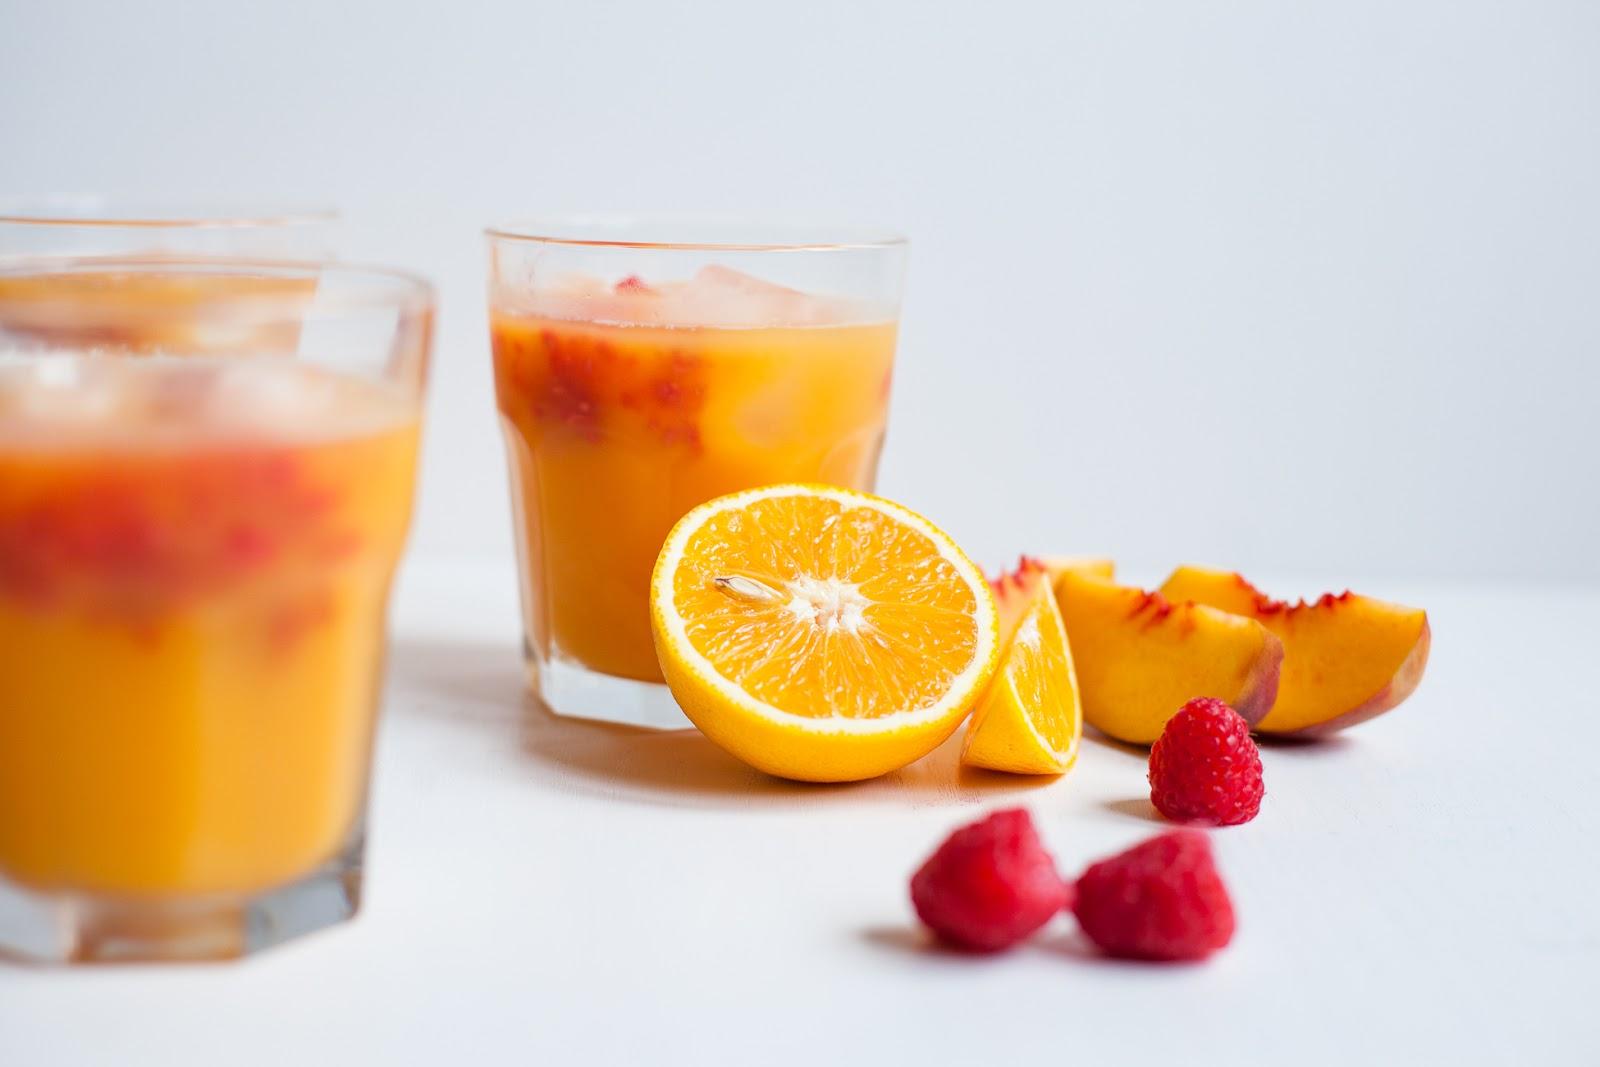 Vaisių rūgštys ir eteriniai aliejai, kurių apstu šviežiai spaustose apelsinų sultyse, neabejotinai sudirgins gleivinę. (jchongstudio.com nuotr.)